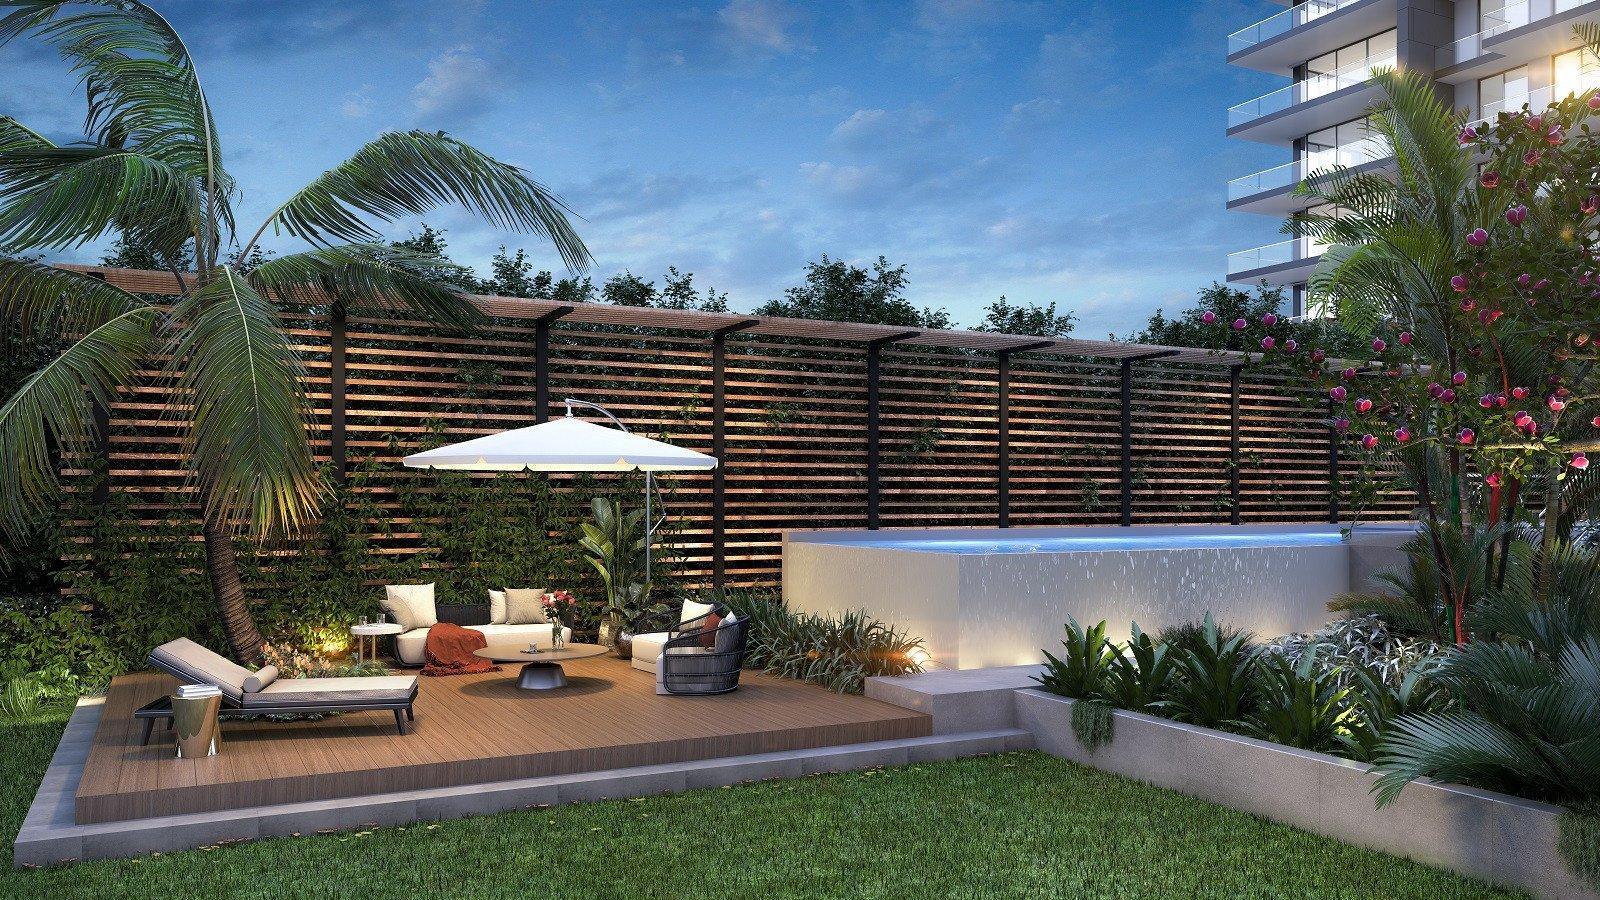 Azure Apartments-image-7